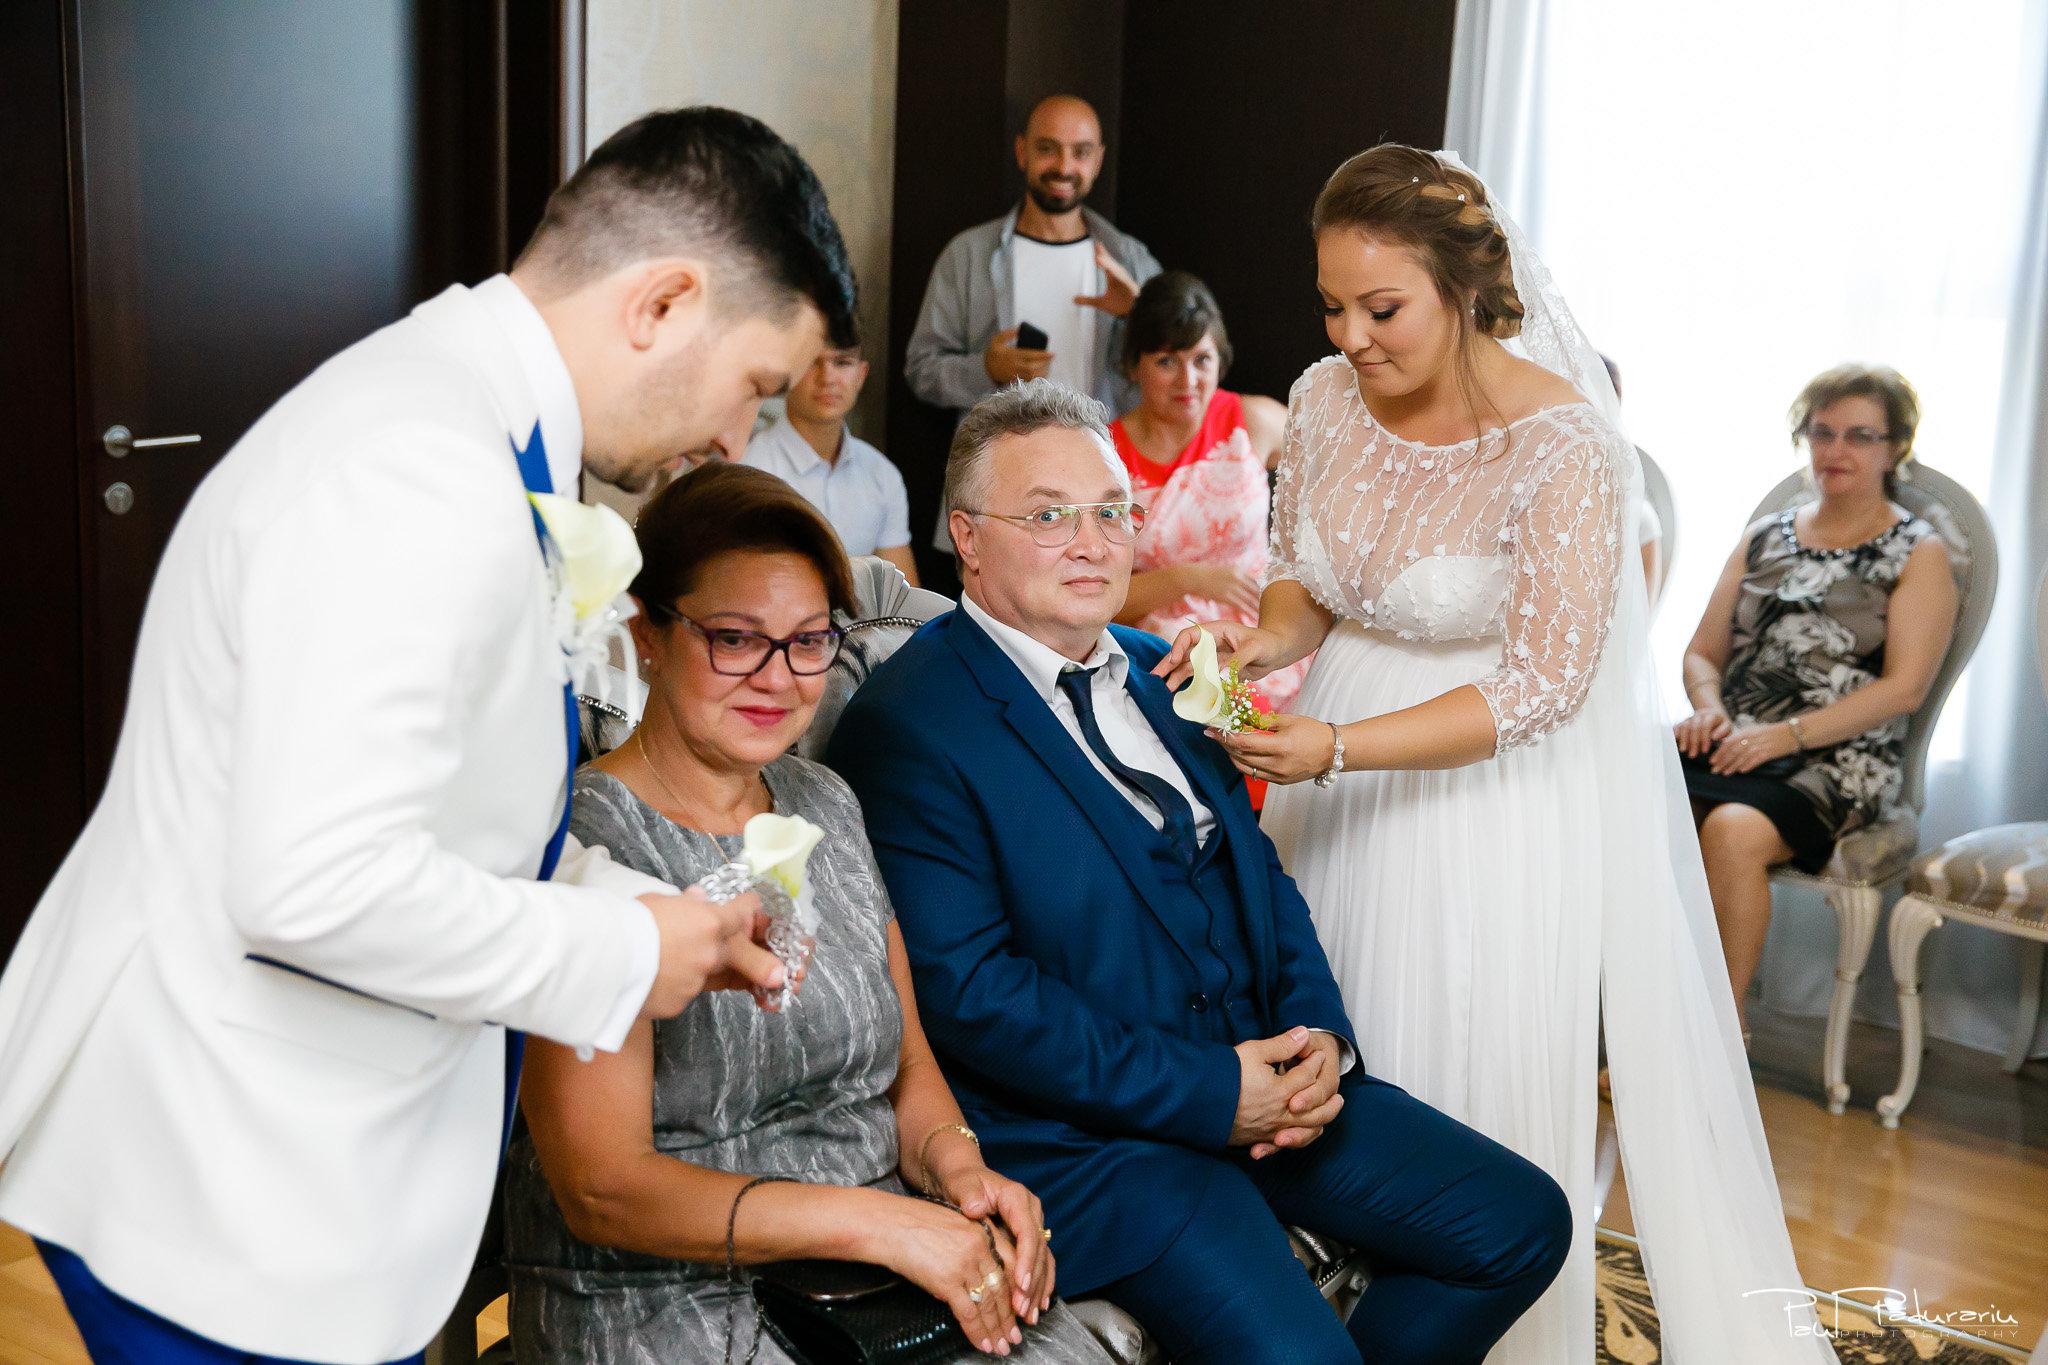 Pregatiri nunta Ema si Tudor fotograf de nunta iasi www.paulpadurariu.ro © 2017 Paul Padurariu - pregatiri mireasa si mire alaturi de parinti